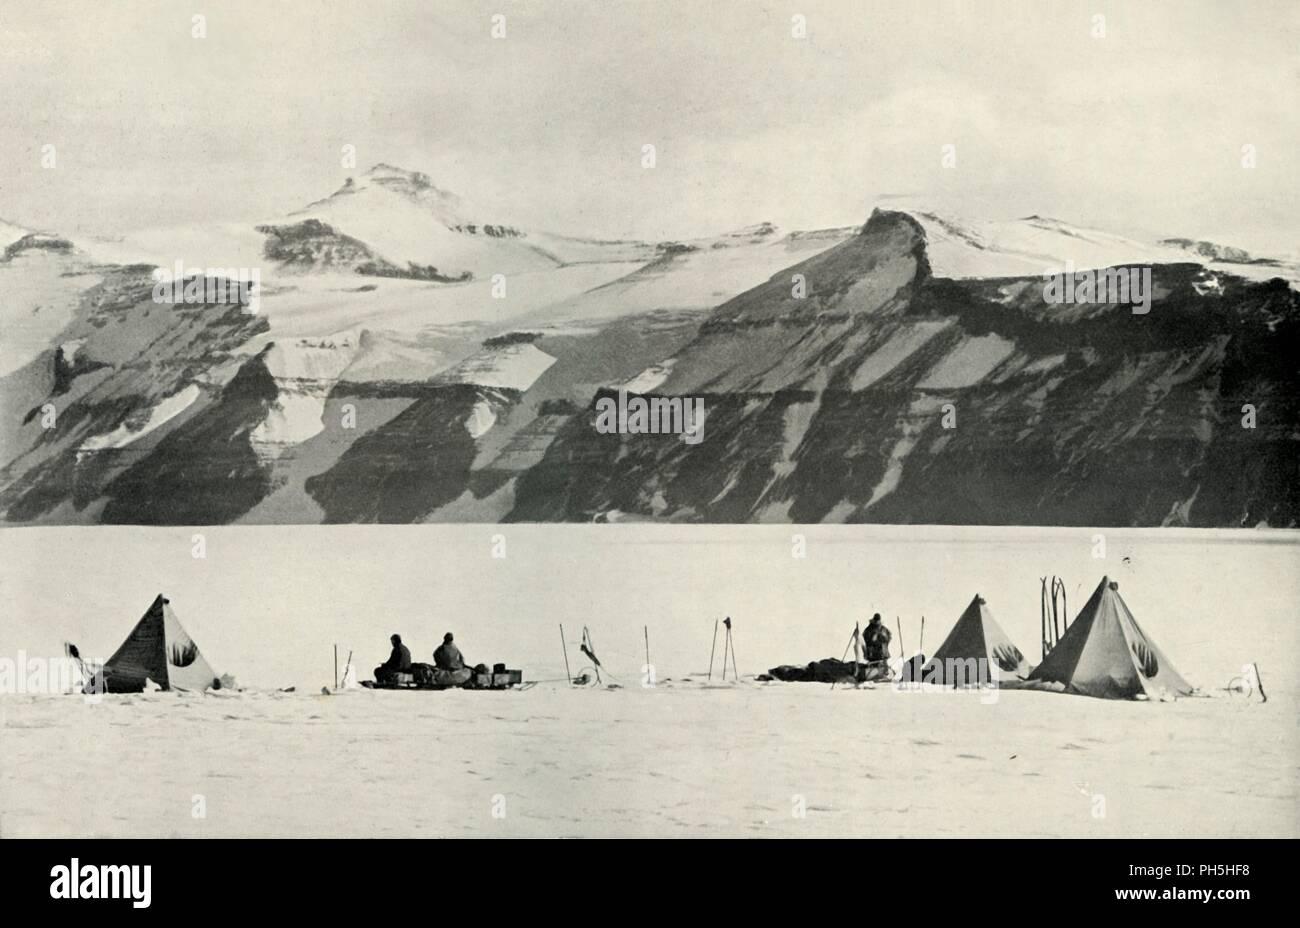 Camp Under The Wild Range', 20 December 1911, (1913)  Three